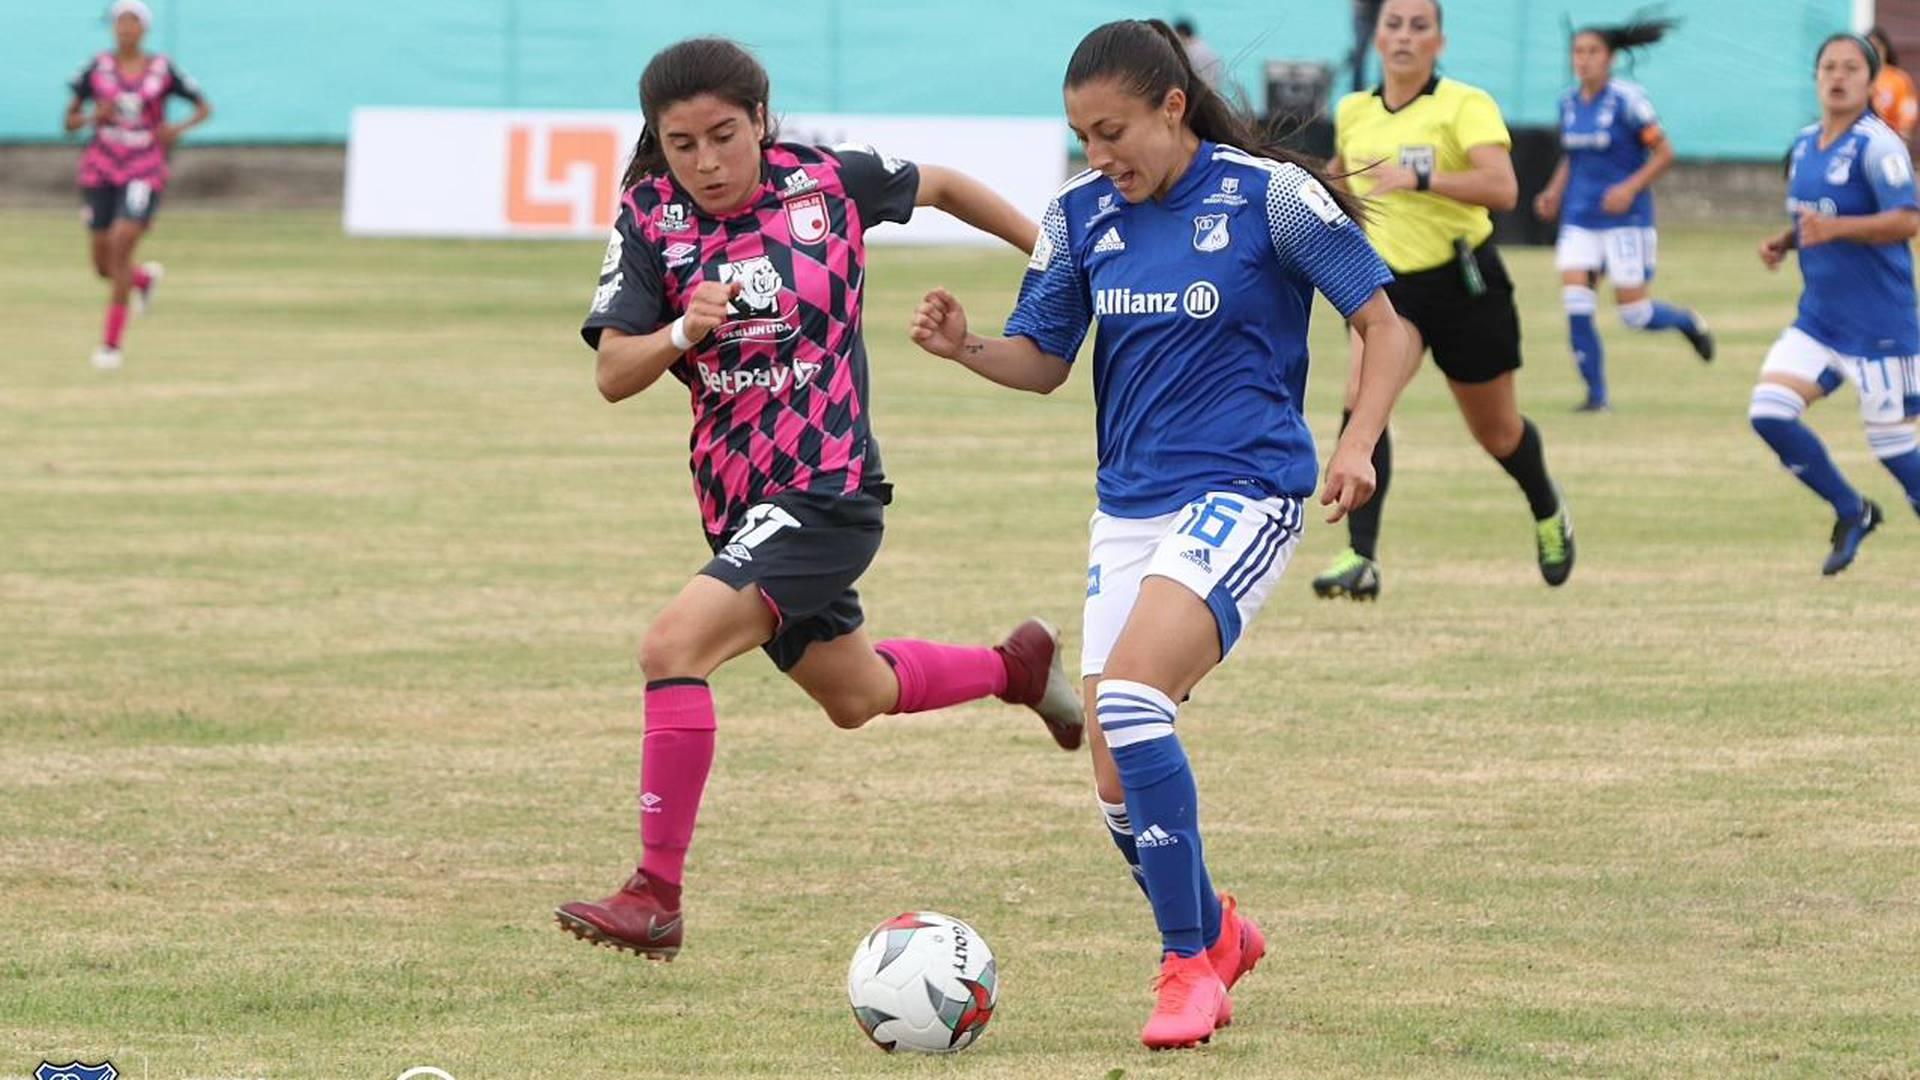 Liga Profesional Femenina